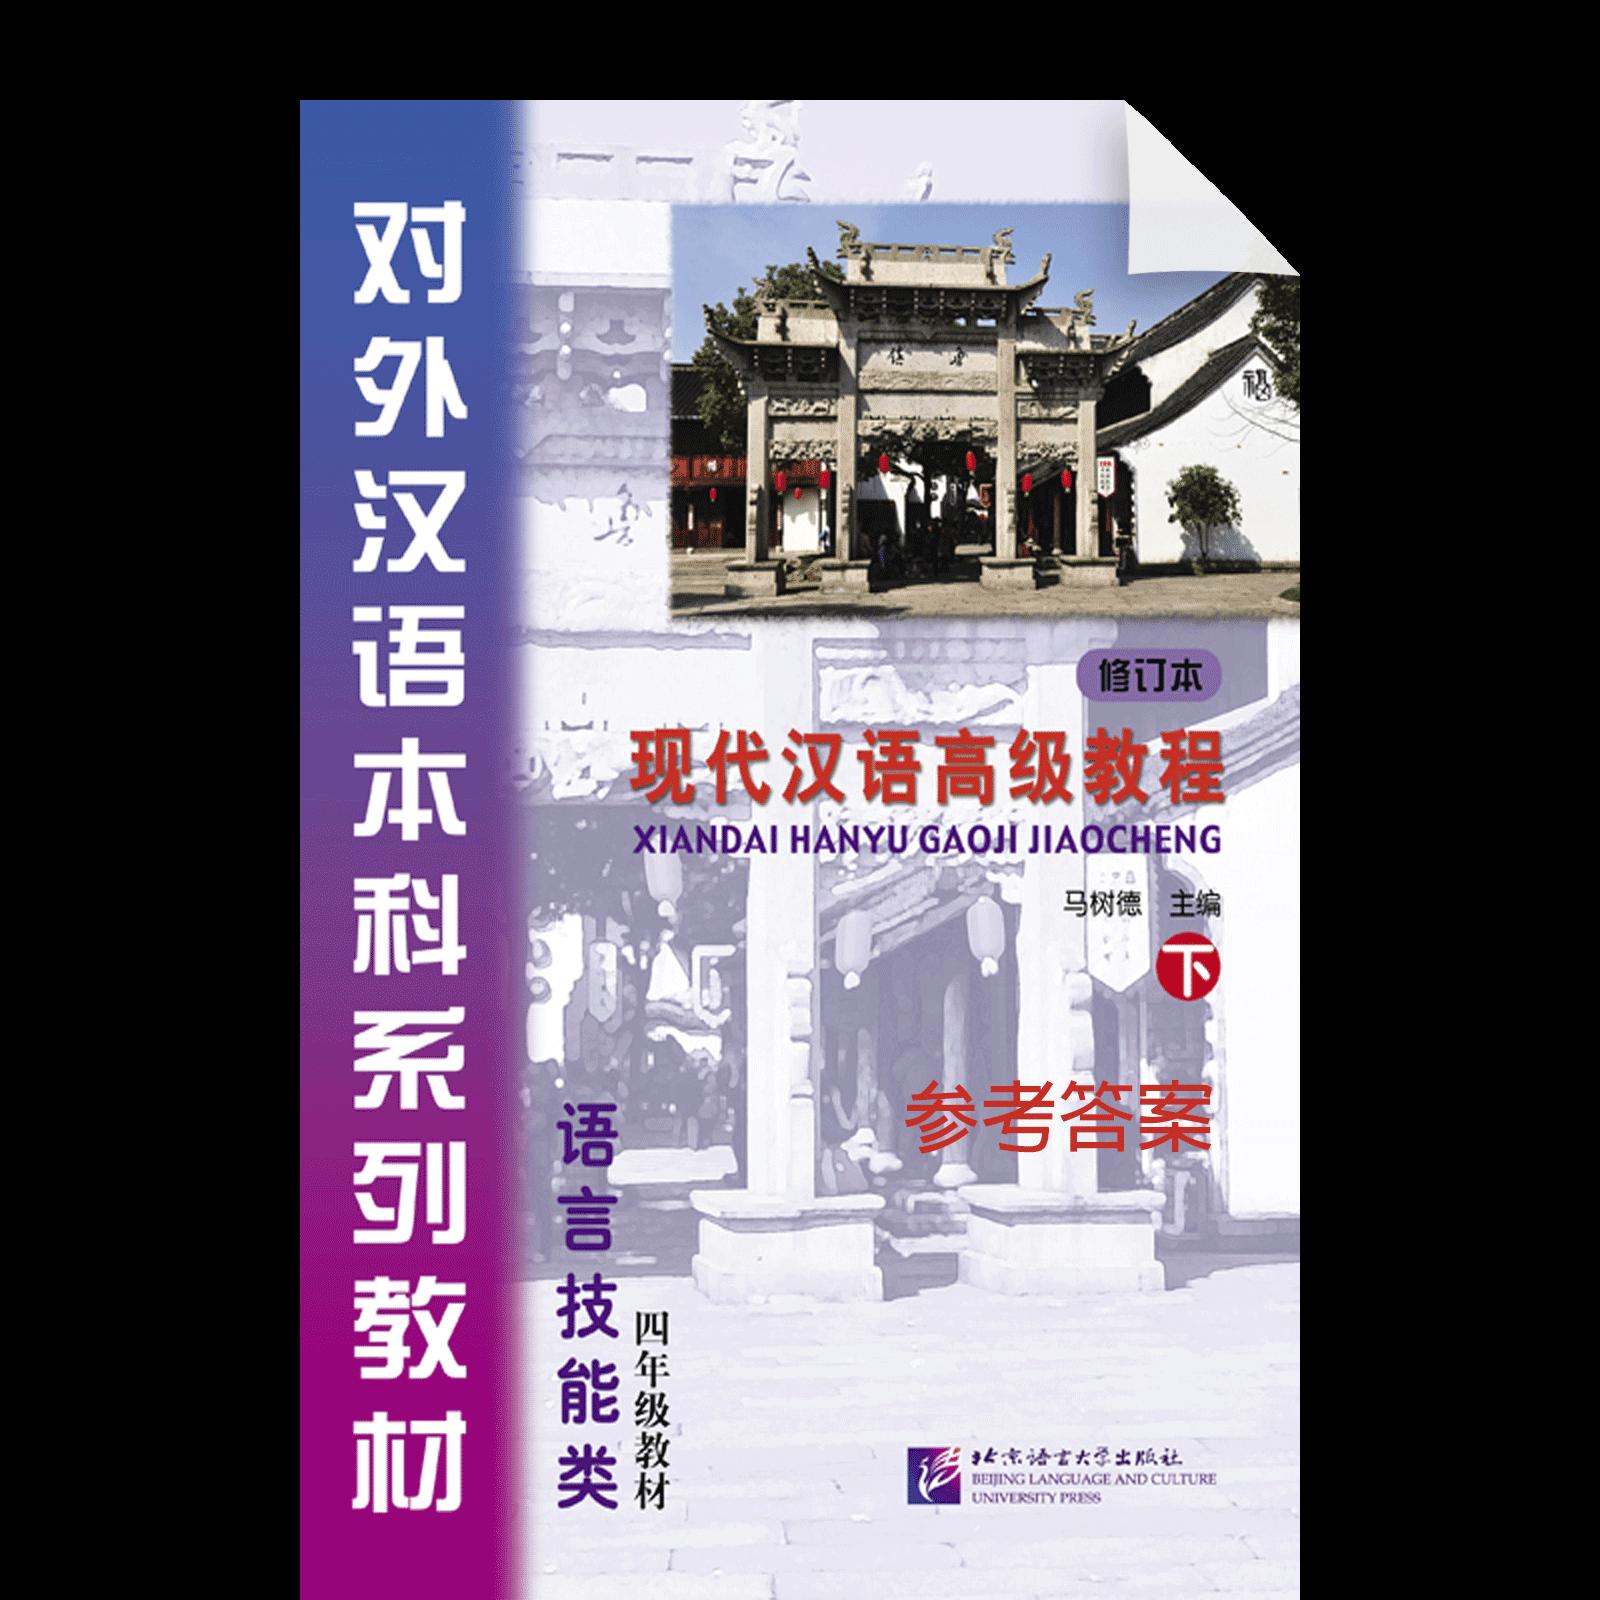 Xiandai Hanyu Gaoji Jiaocheng Xiudingban 3Nianji2 Lianxi Cankao Daan